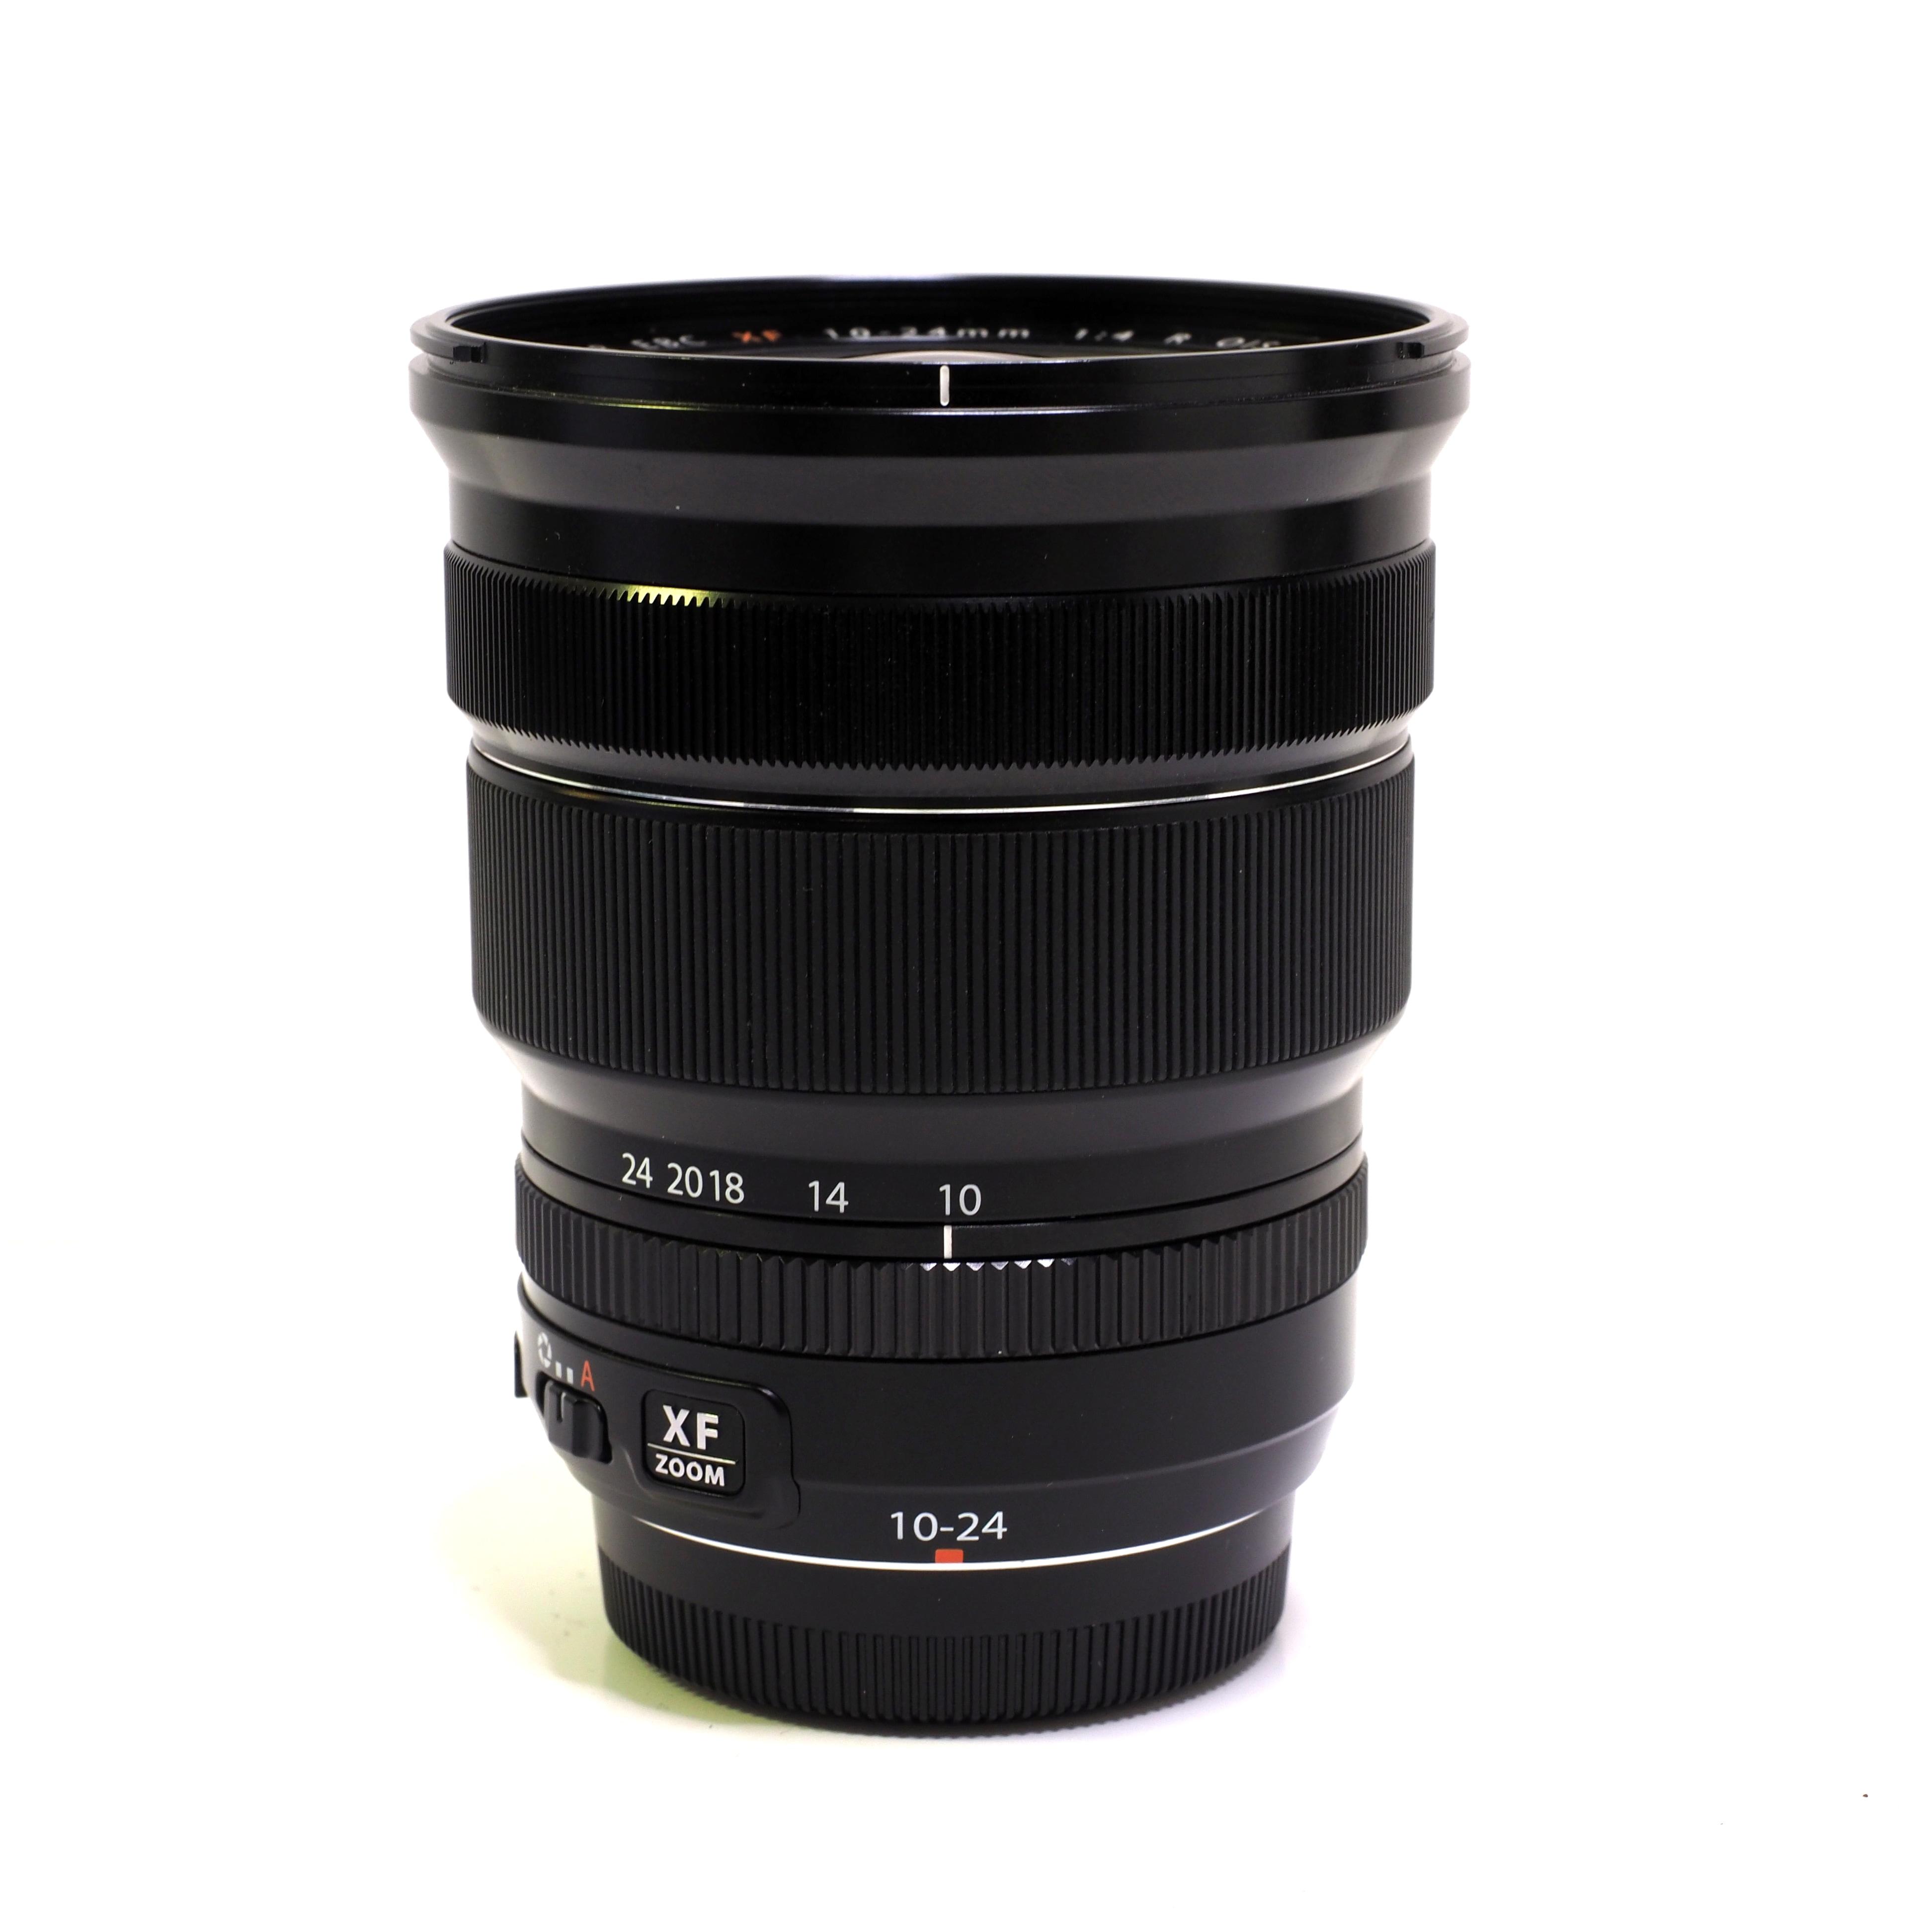 Fujifilm Fujinon XF 10-24mm f/4,0 R - BEGAGNAT